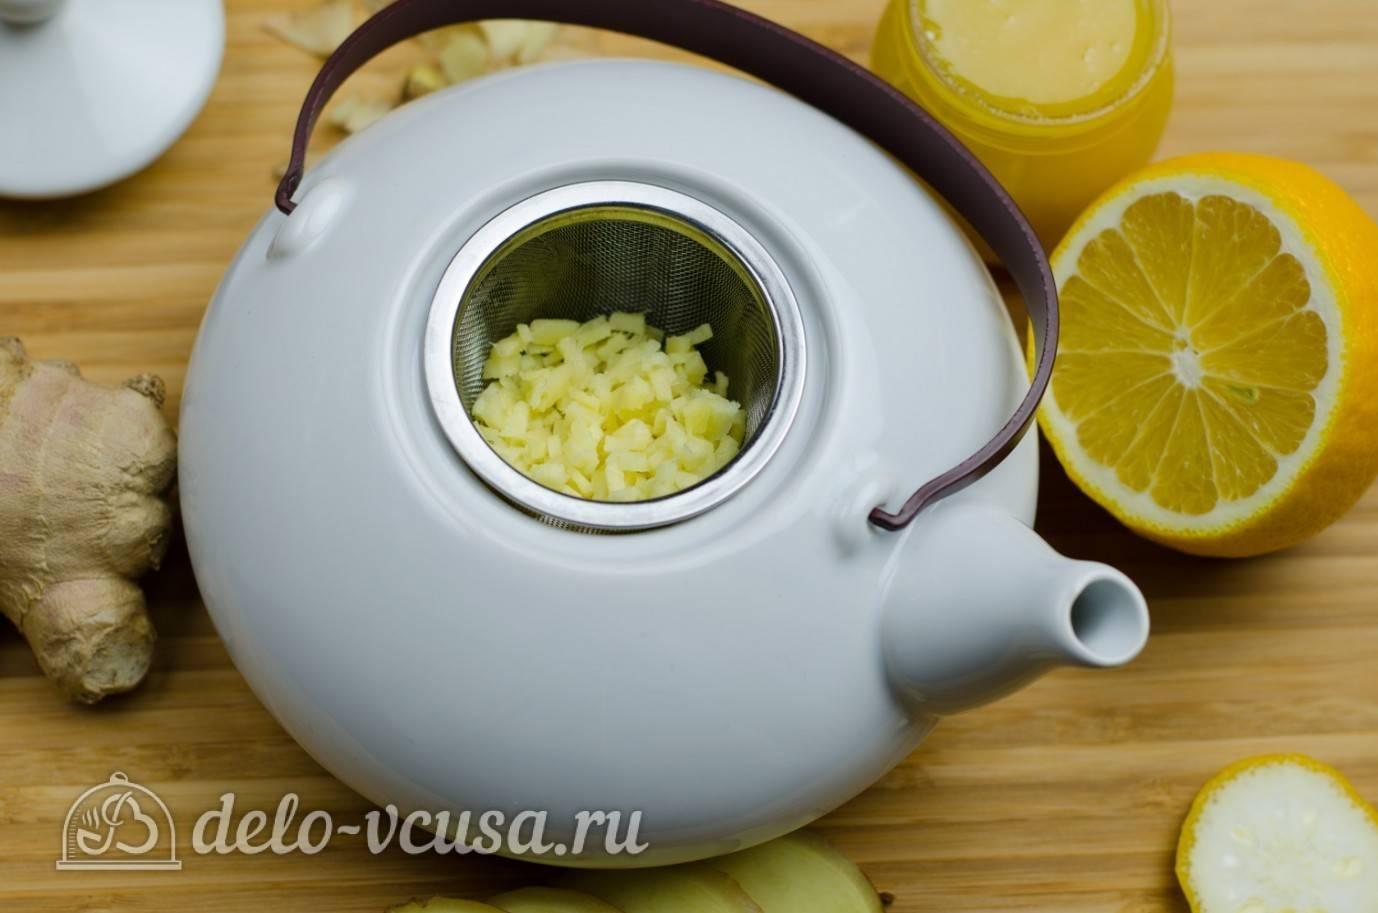 Имбирный чай: как заваривать с лимоном и медом, травами, фруктами